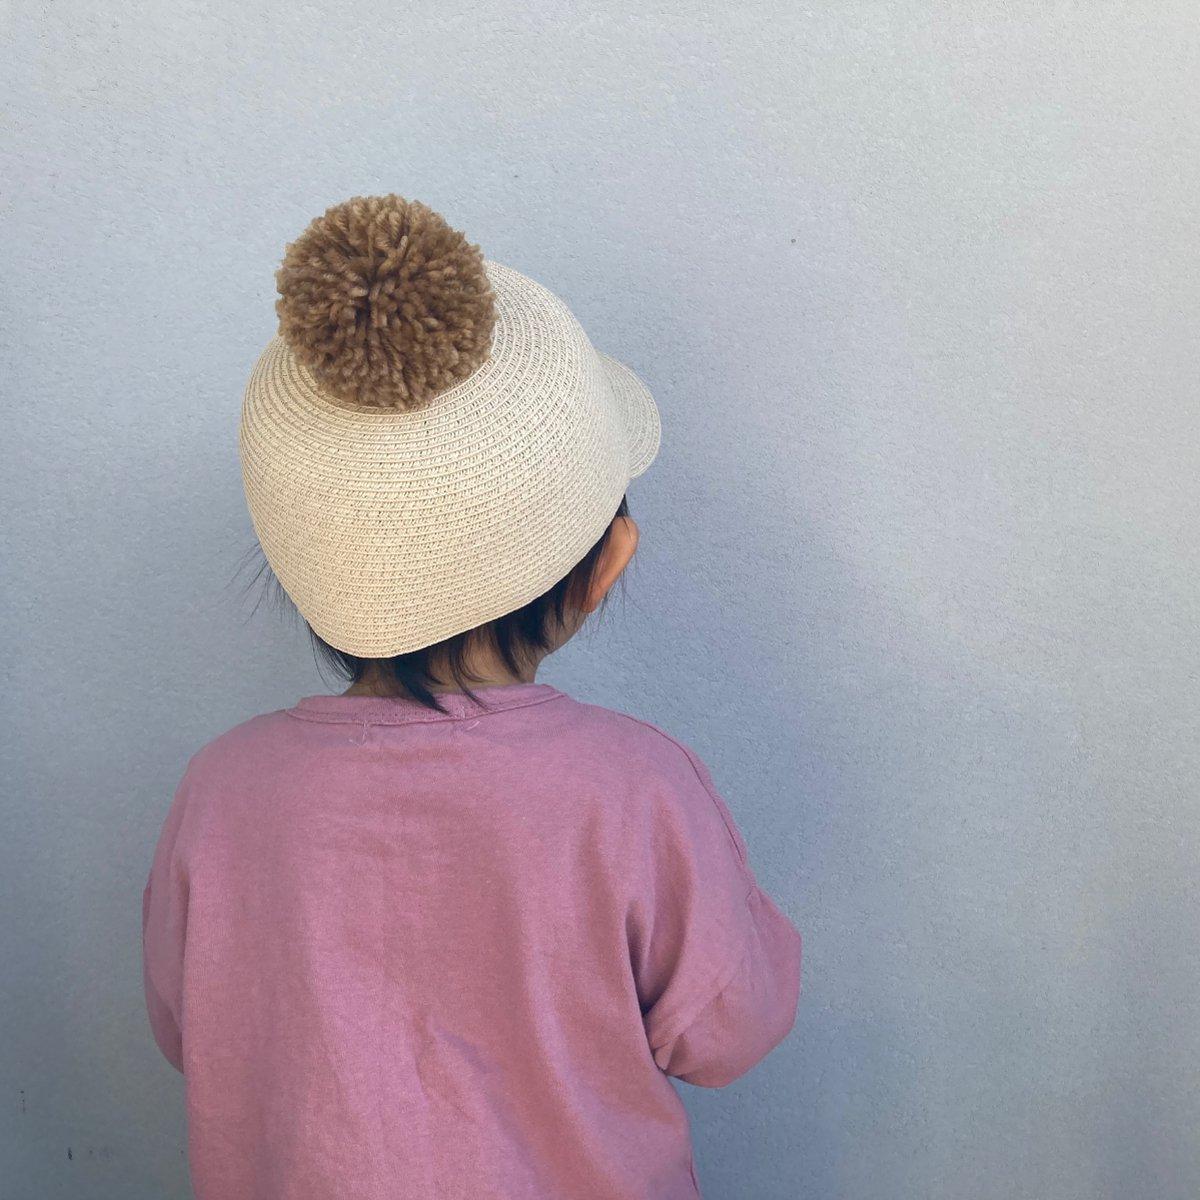 【KIDS】Big Pom Braid Cap 詳細画像11